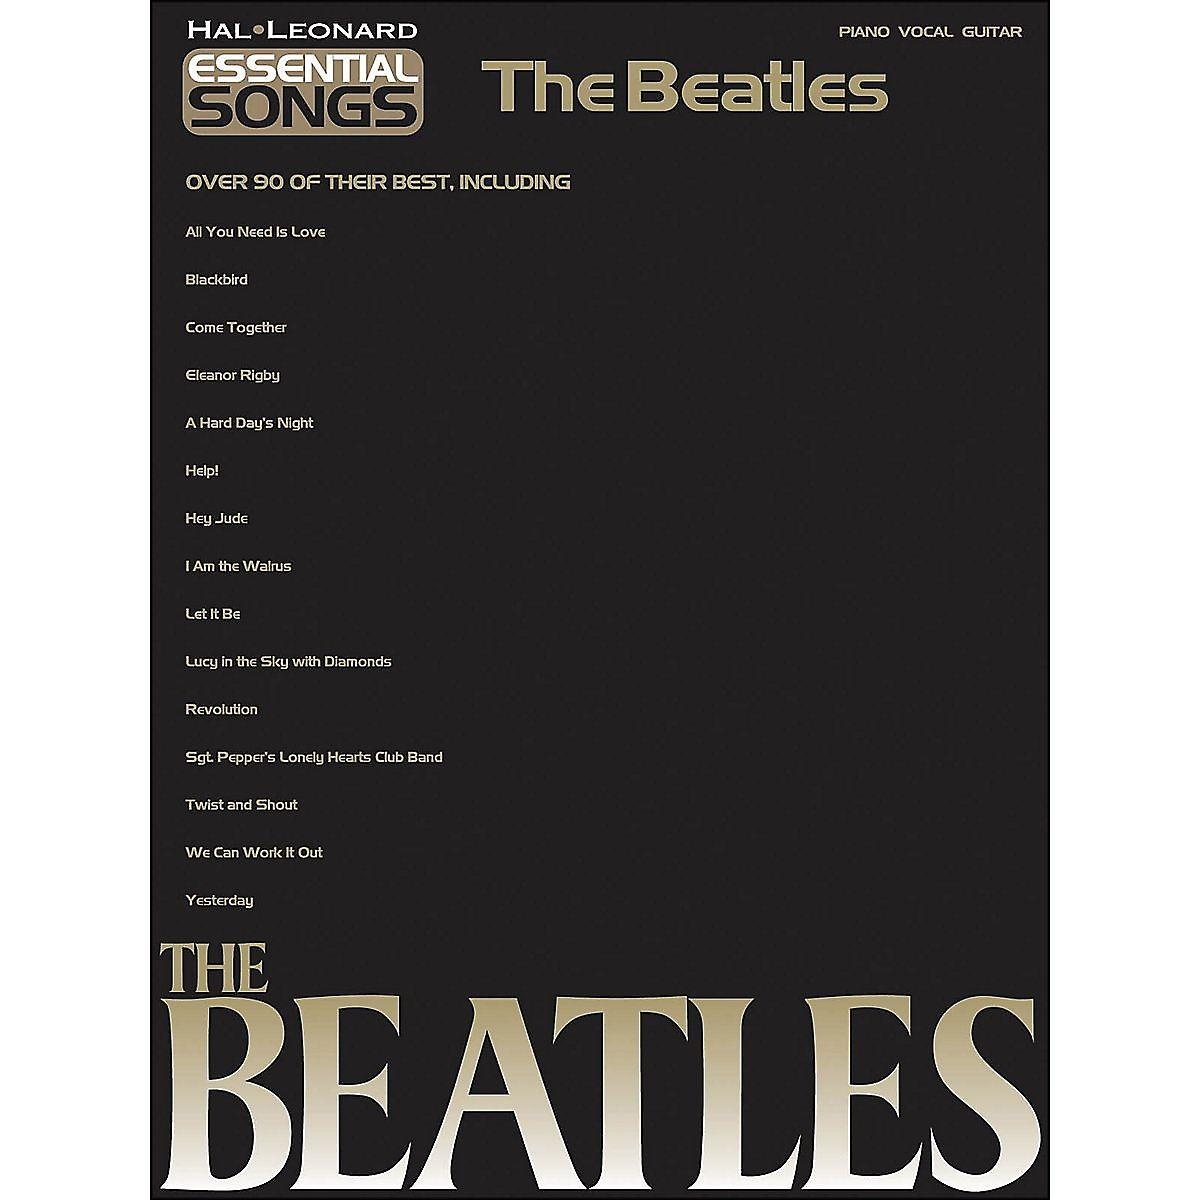 Hal Leonard Essential Songs The Beatles Reverb